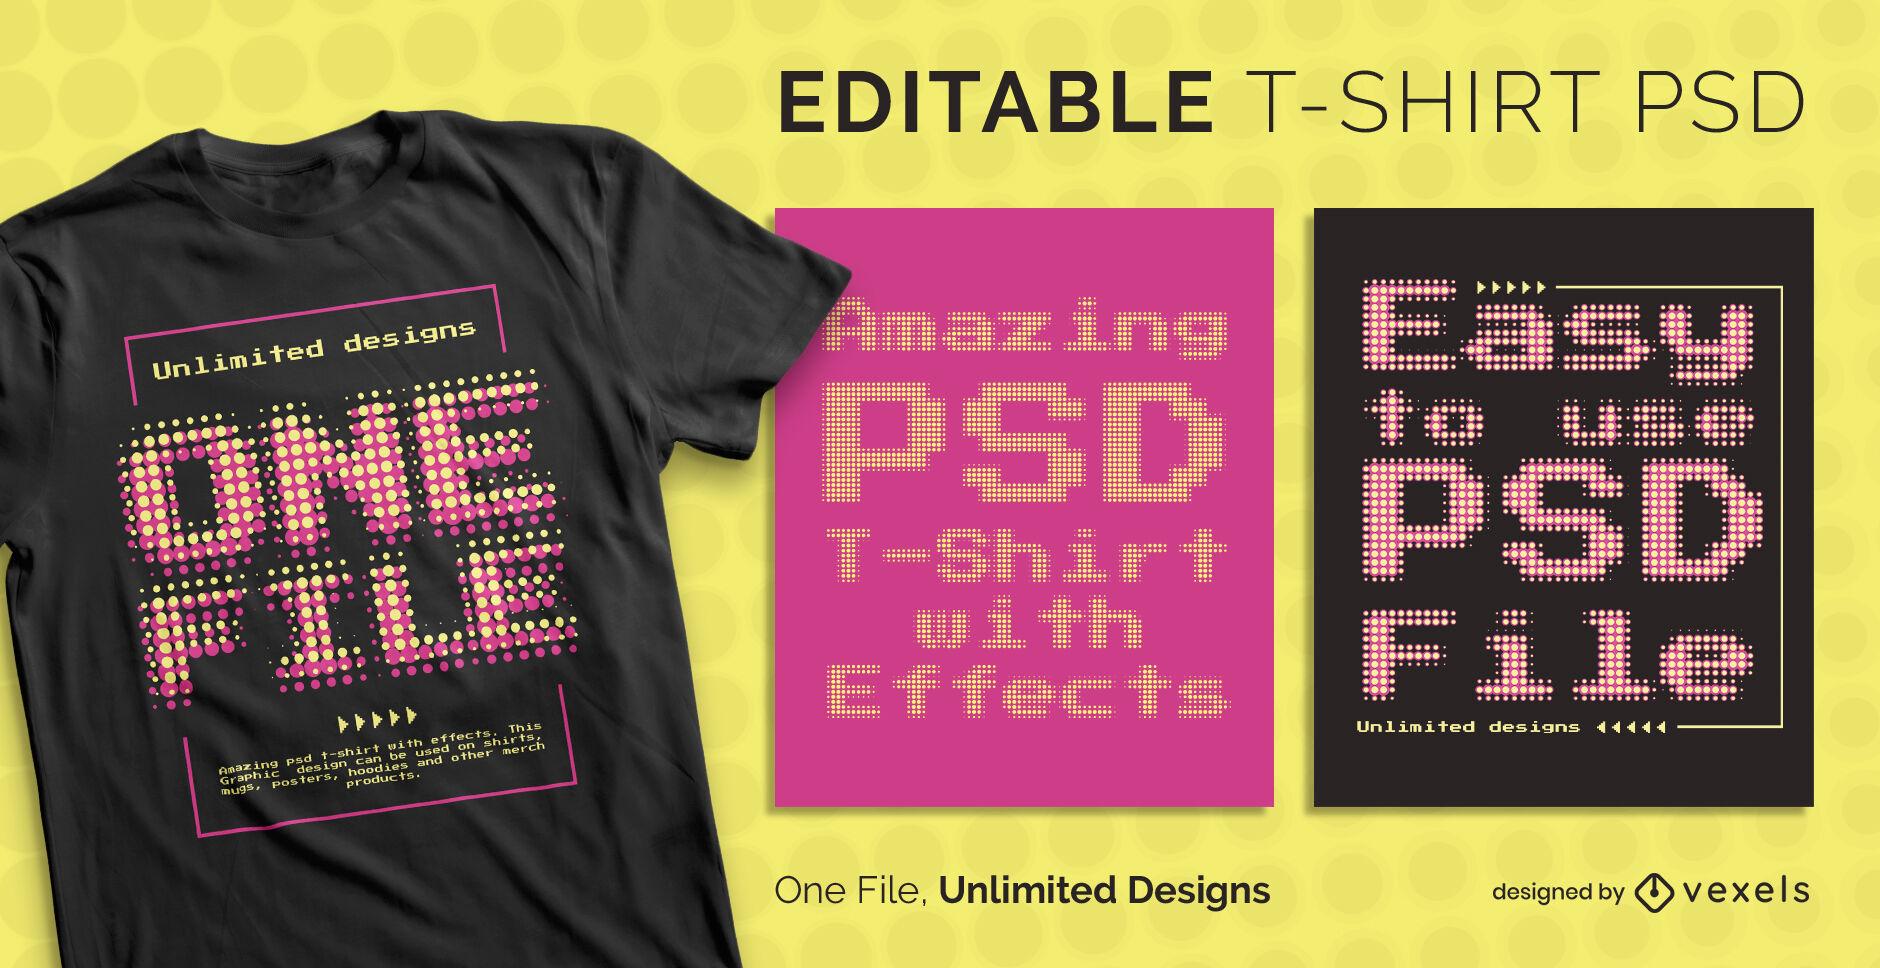 Retro gepunktete Pixel Texteffekt skalierbare PSD-T-Shirt-Vorlage